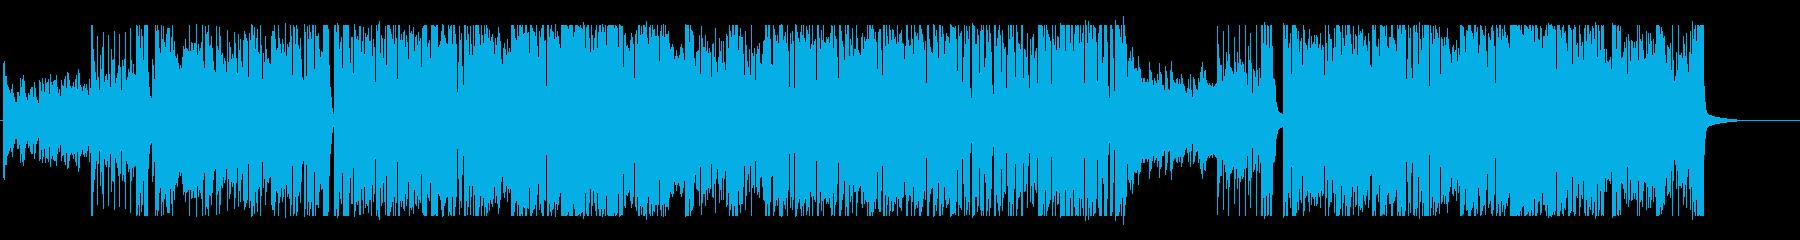 おしゃれで疾走感のあるピアノロックの再生済みの波形